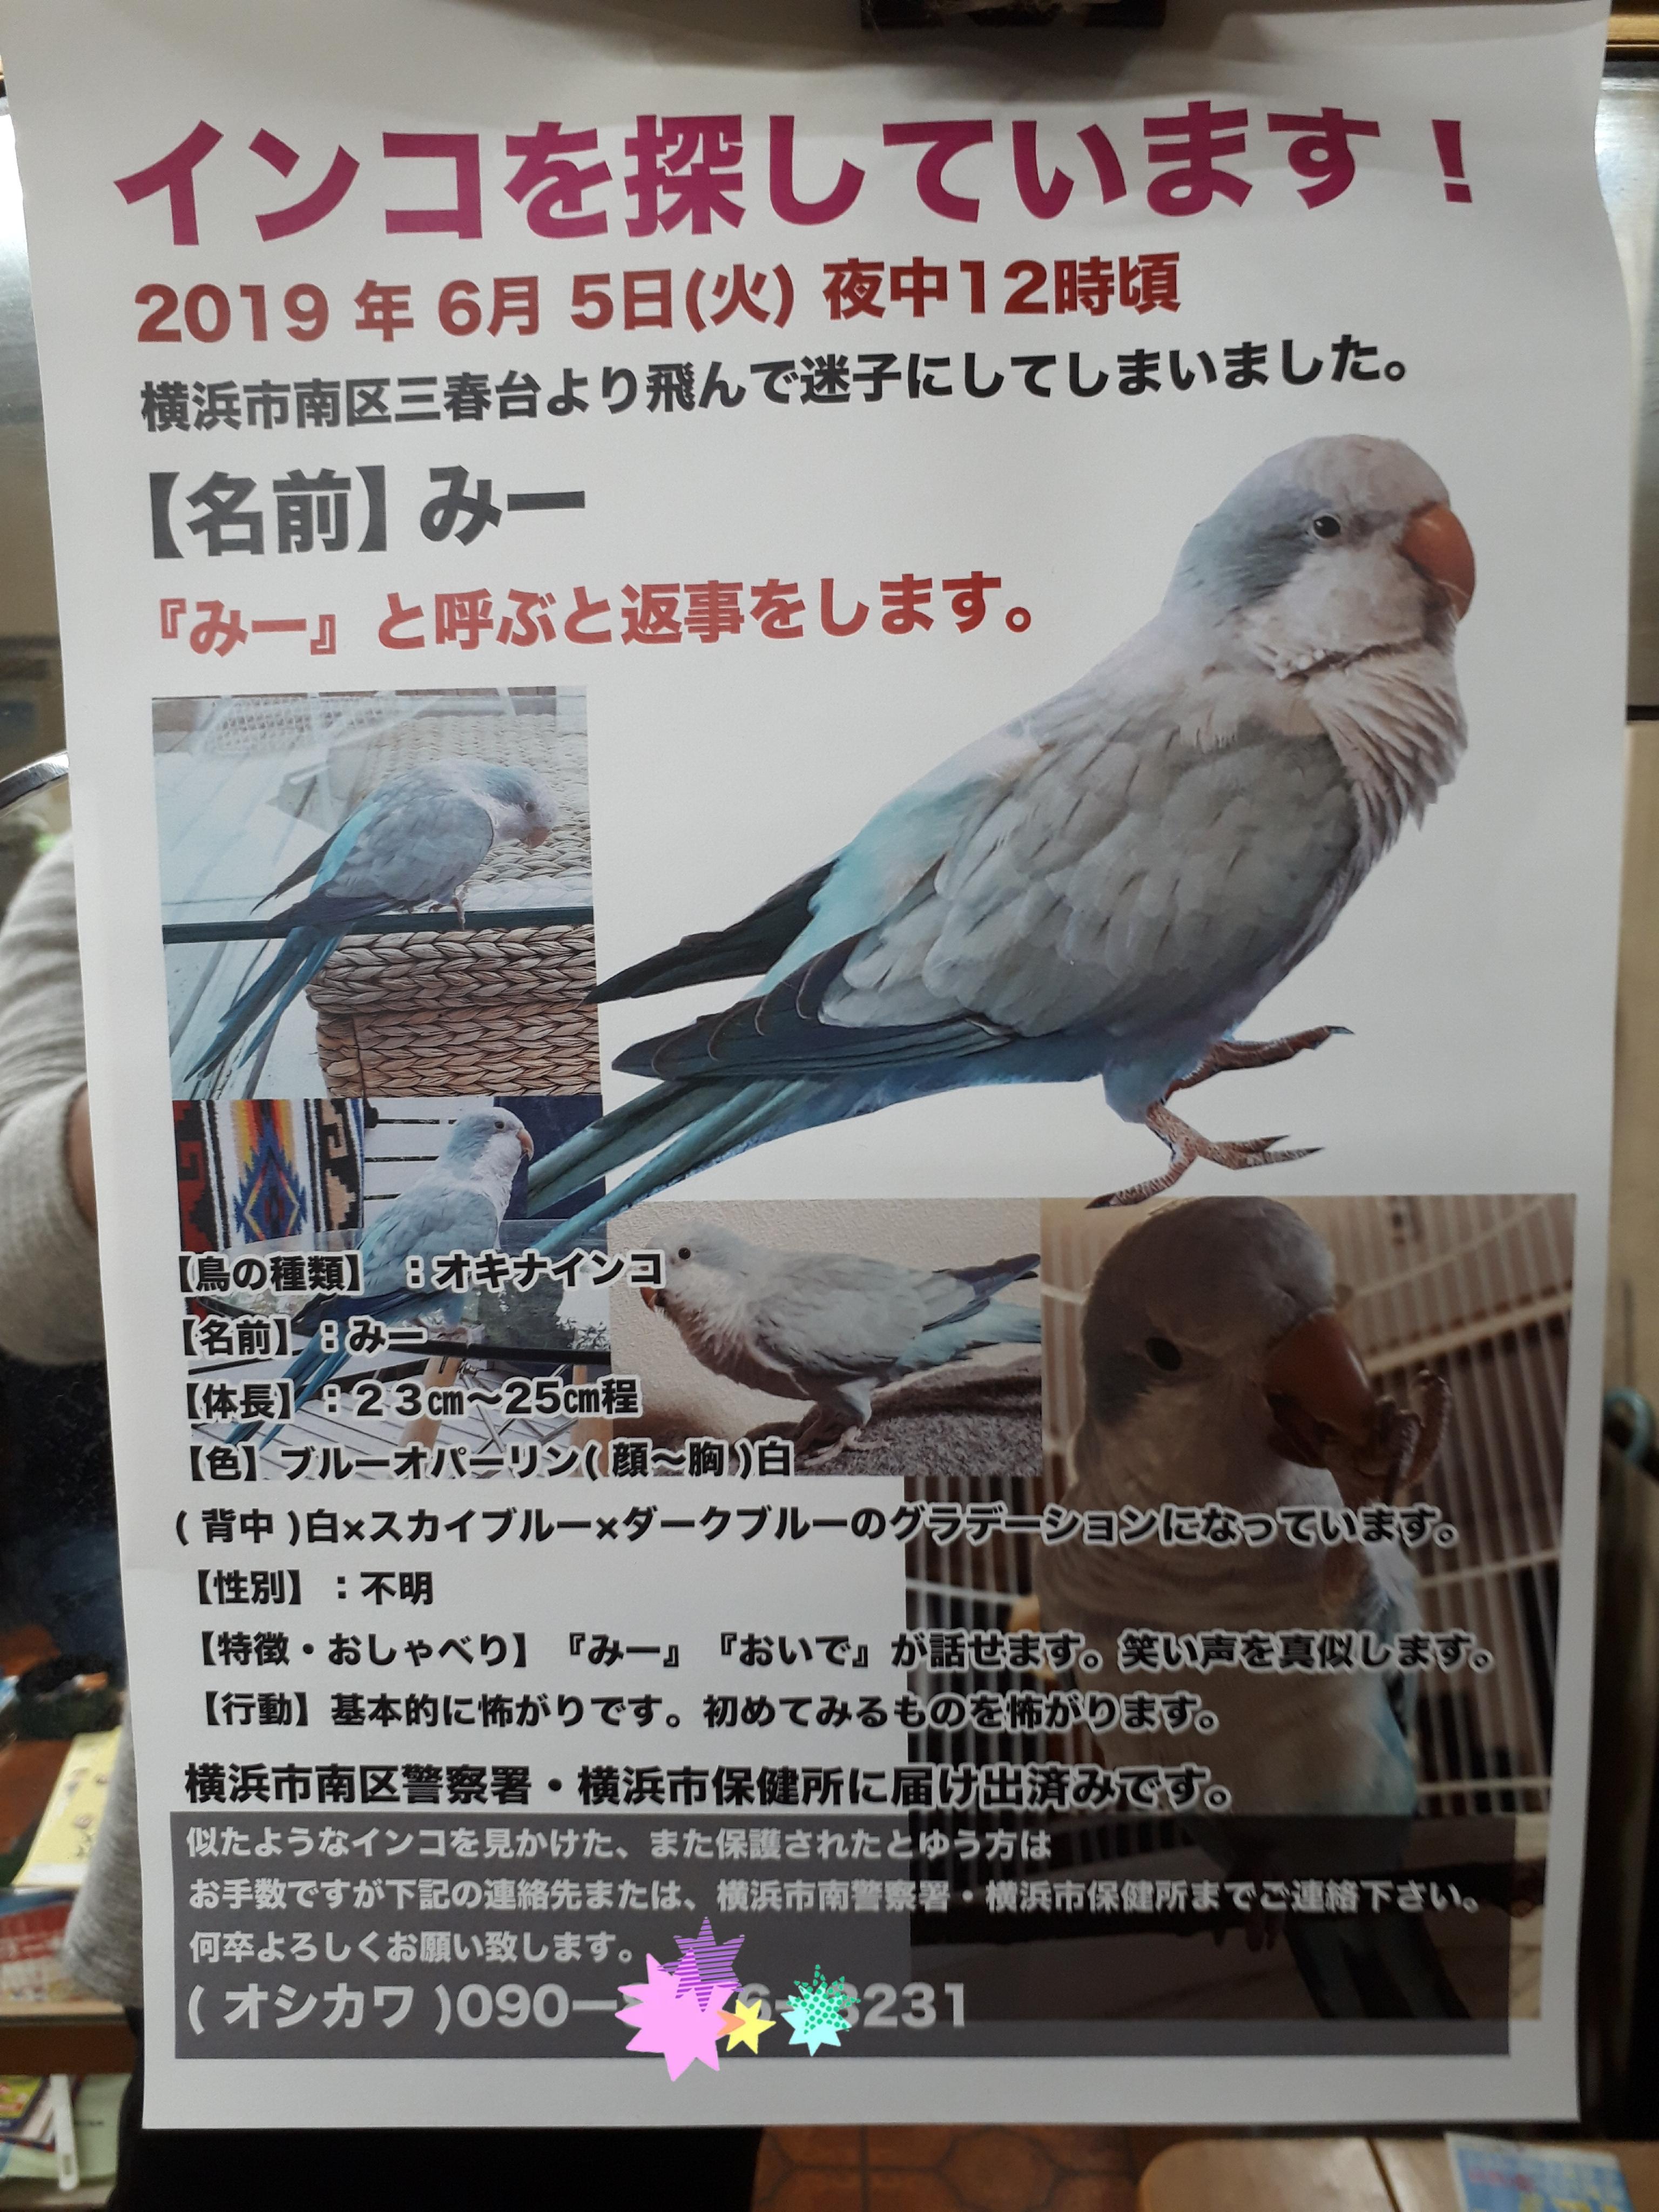 【拡散希望】インコのみーちゃんどこ行った!?